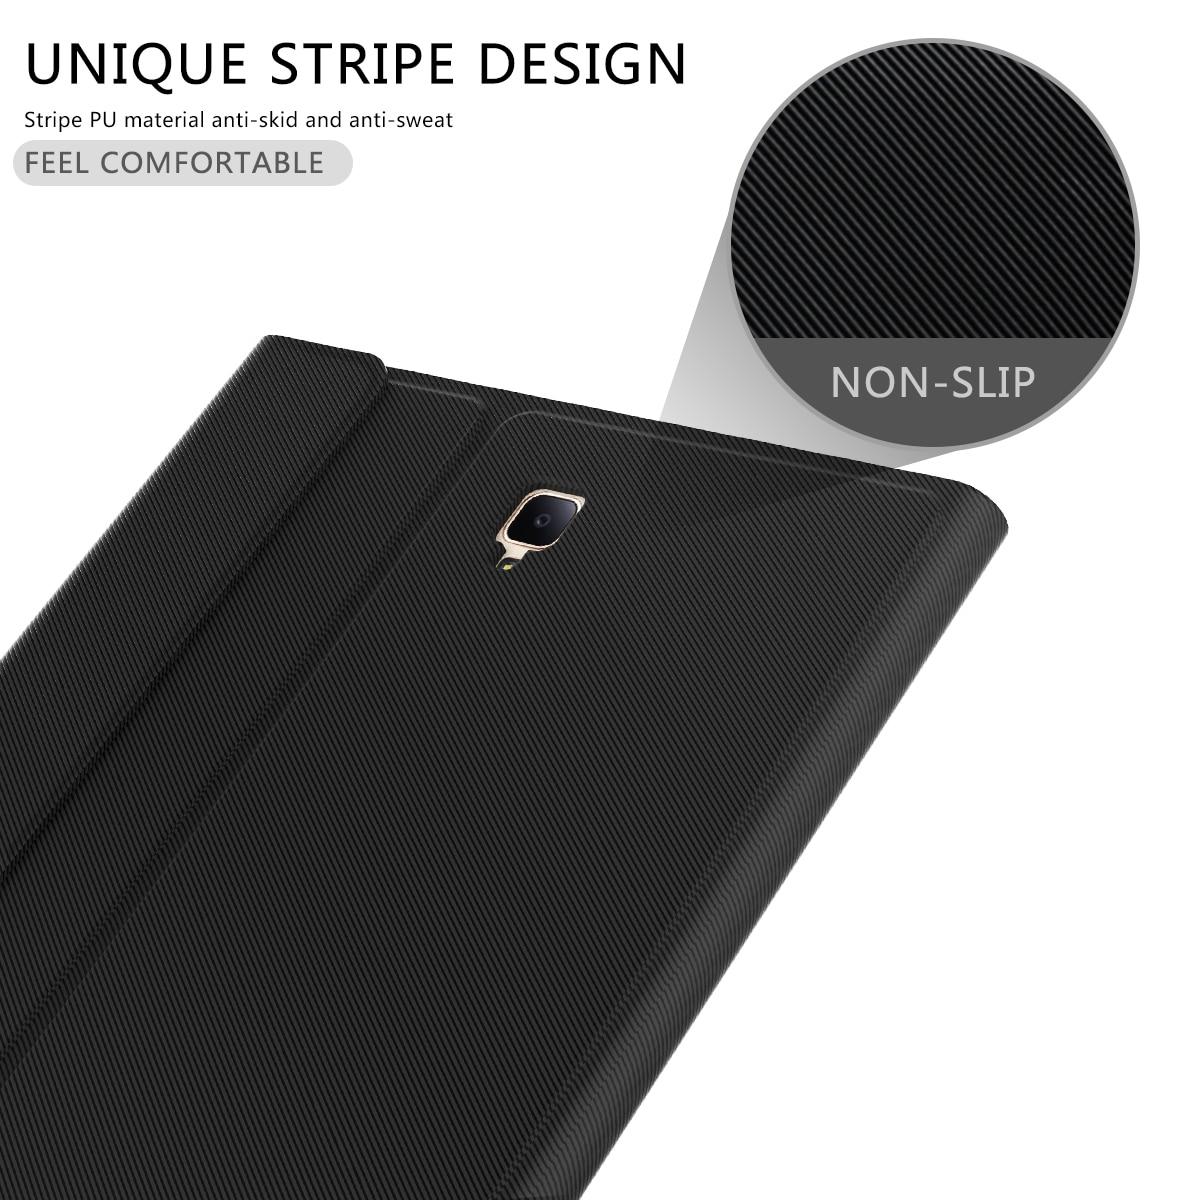 תאורה אחורית עבור Samsung Galaxy Tab 10.5 A2 T595 T590 להפרדת Tablet Bluetooth עם תאורה אחורית אלחוטי עור מקלדת המקרה הייחודי Stripe (2)